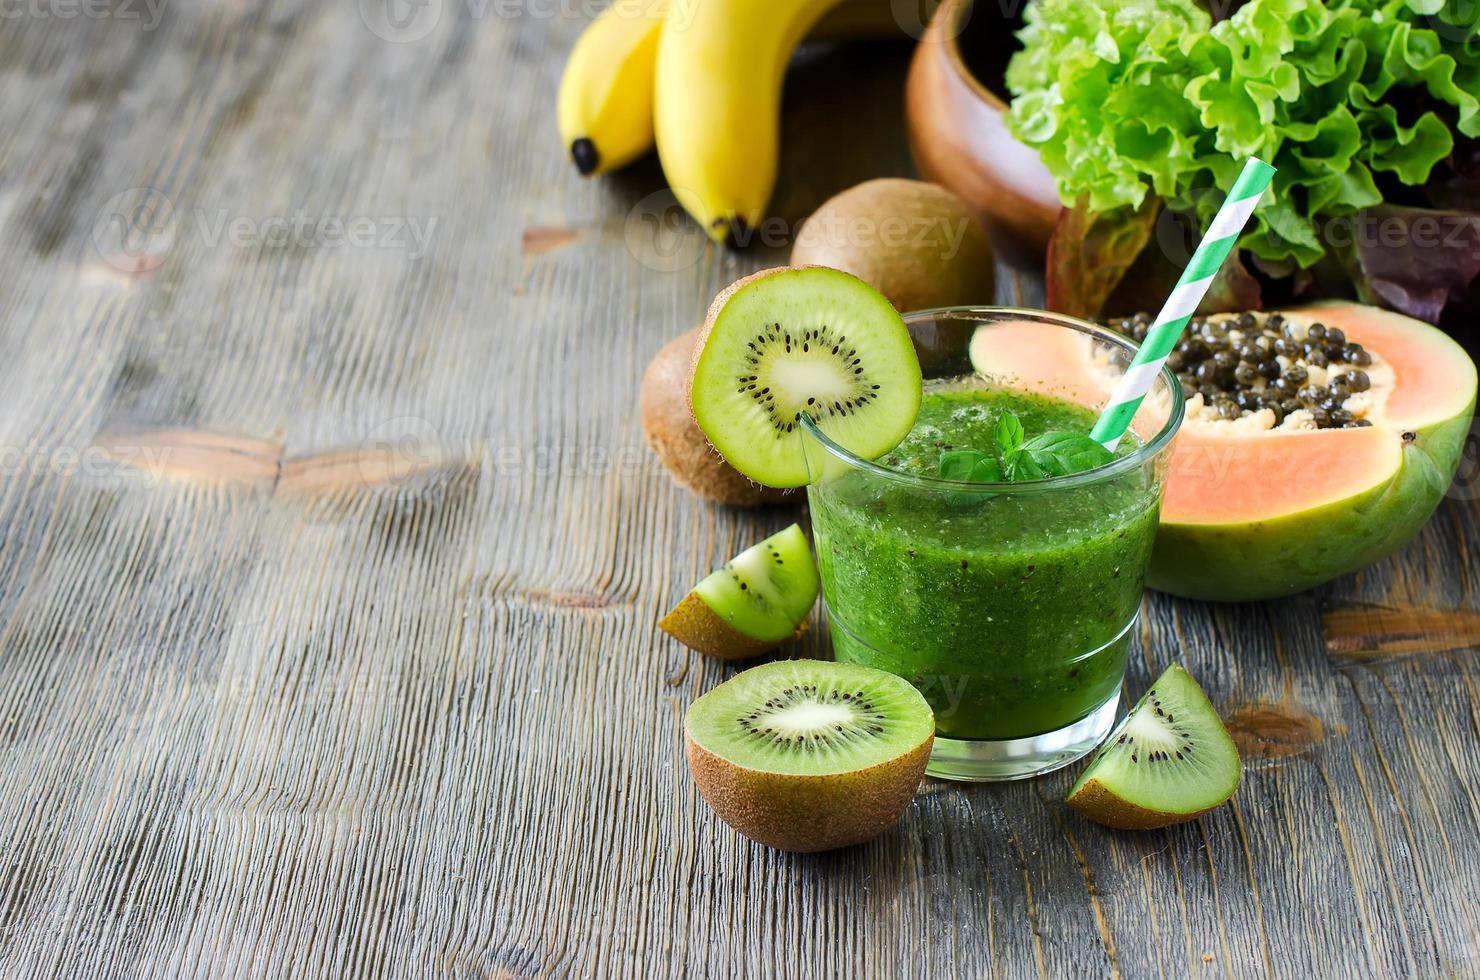 frullato verde con kiwi, papaia e foglie di insalata copia spazio foto